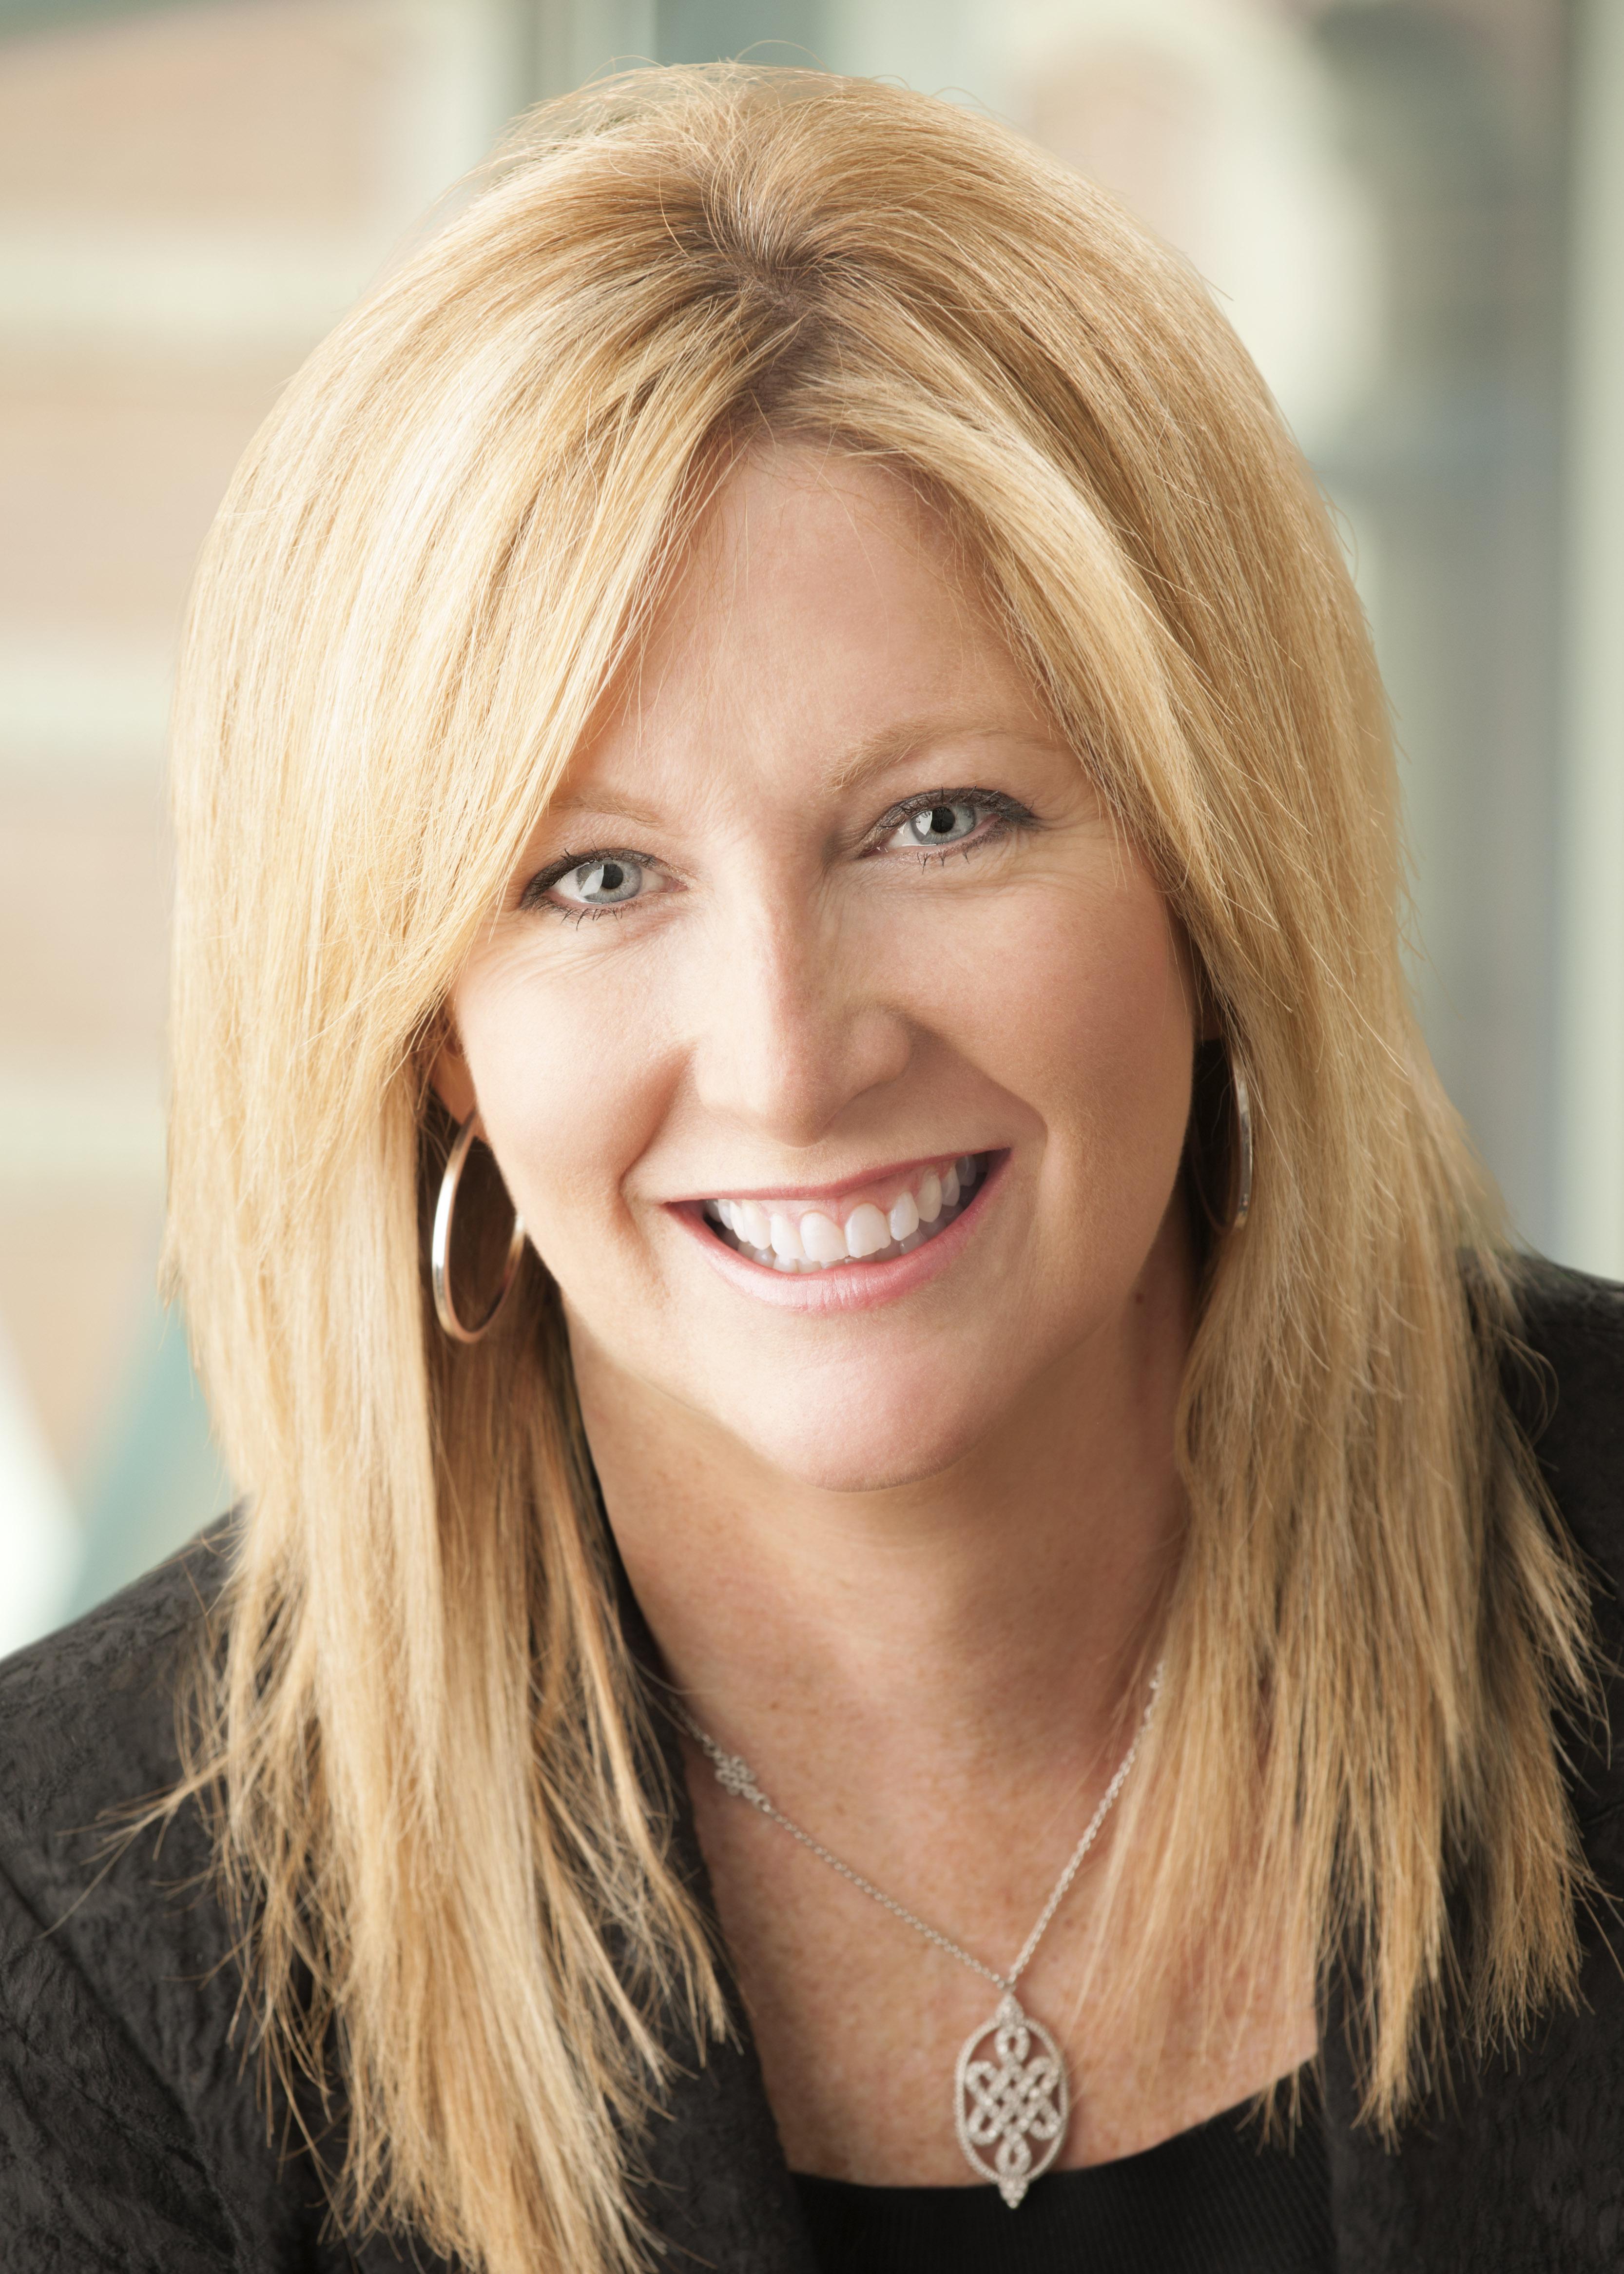 Lincoln Financial Group S Lisa M Buckingham Named Hr